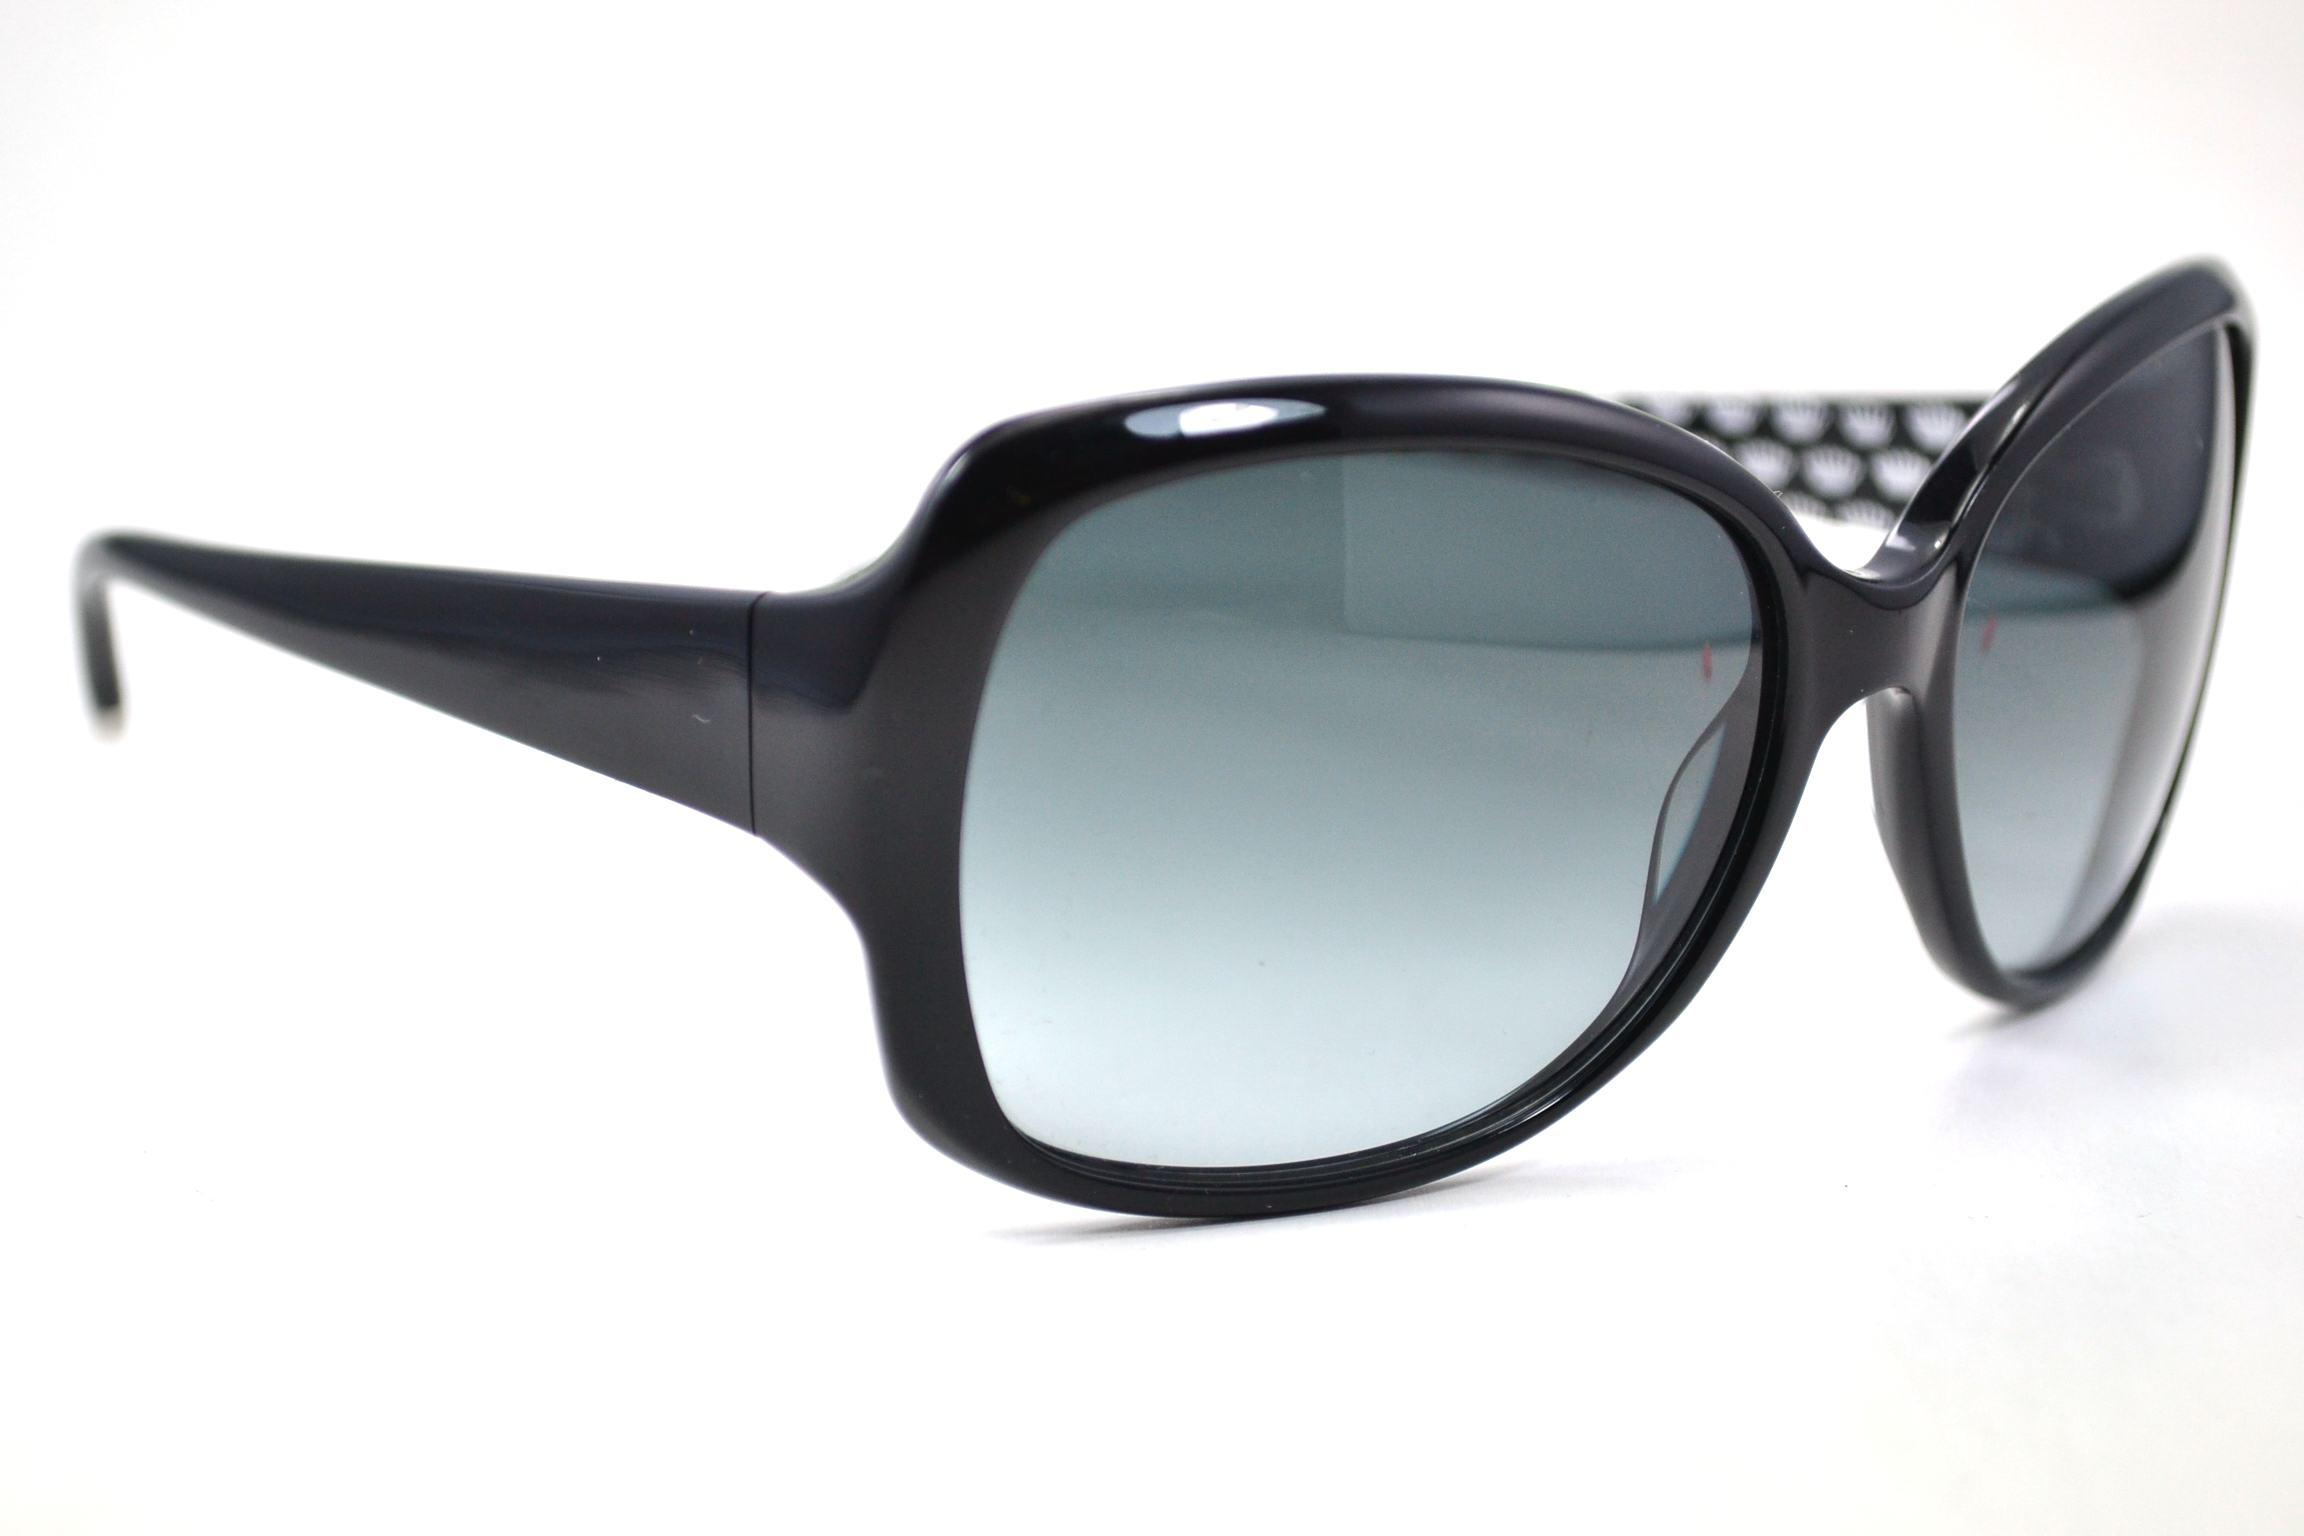 12cd625741 Designer Frames Outlet. Juicy Couture 503 S